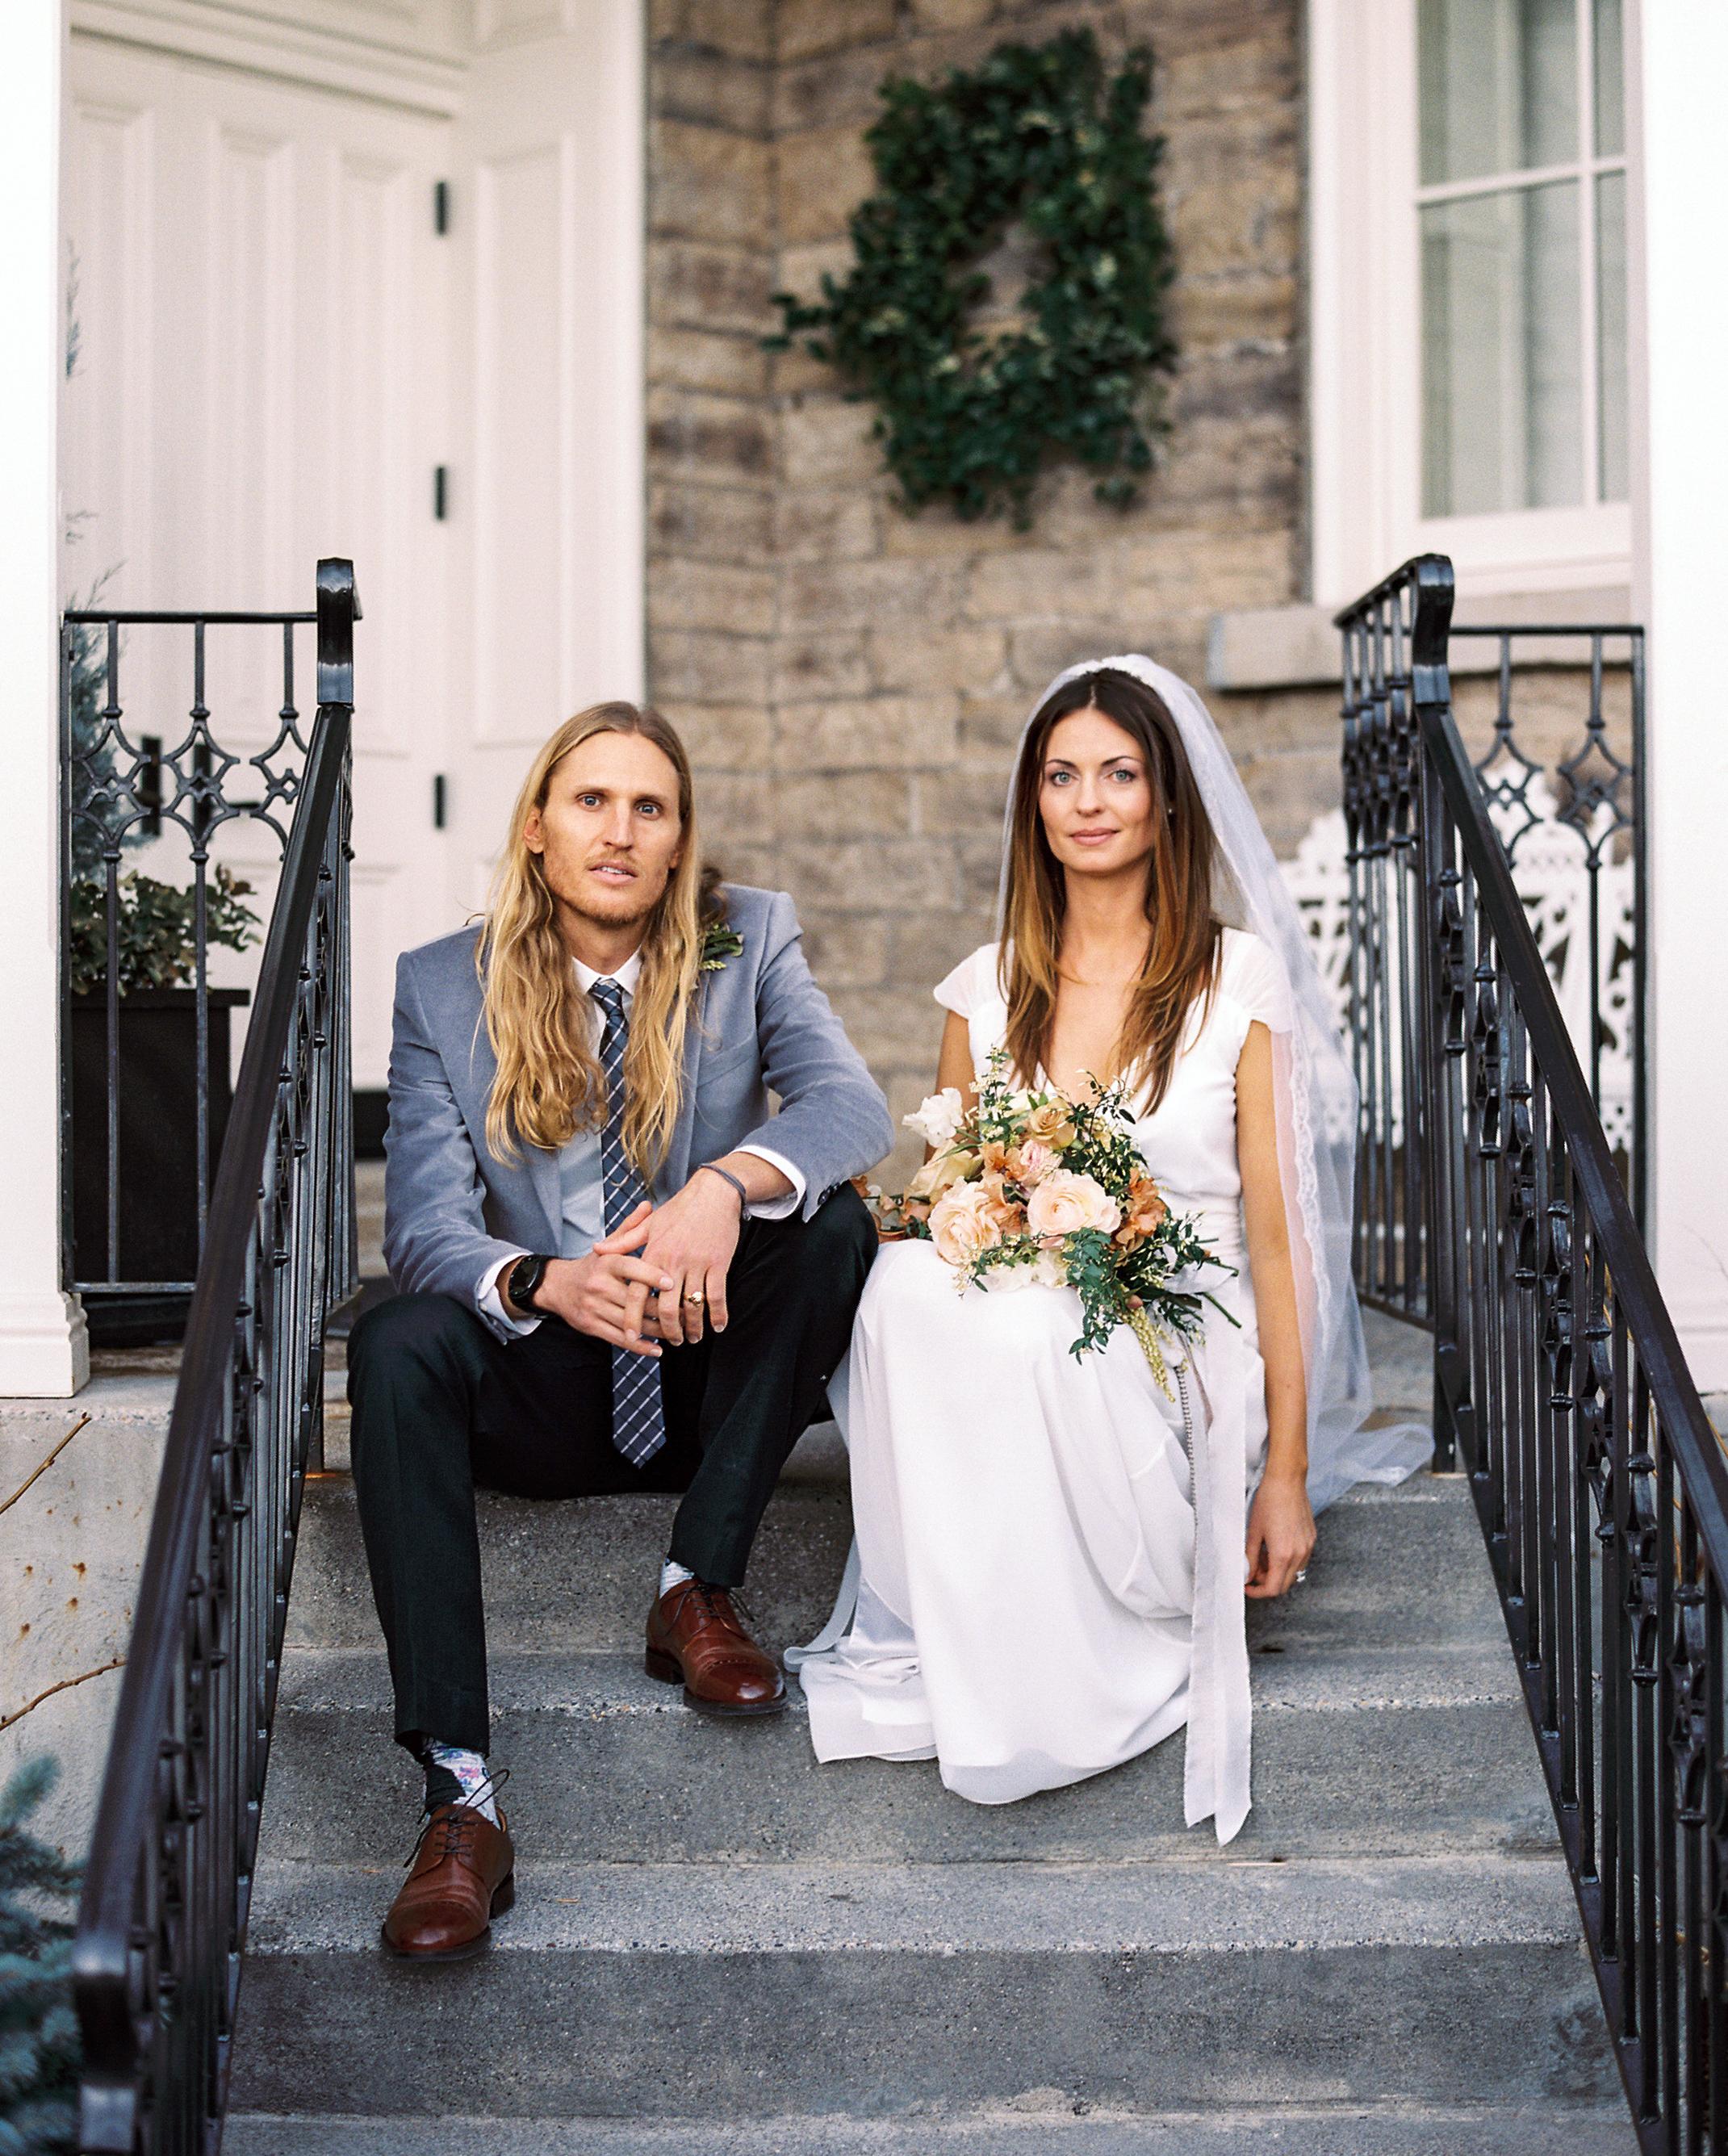 rachel-tyson-wedding-couple-079-s112158-0915.jpg